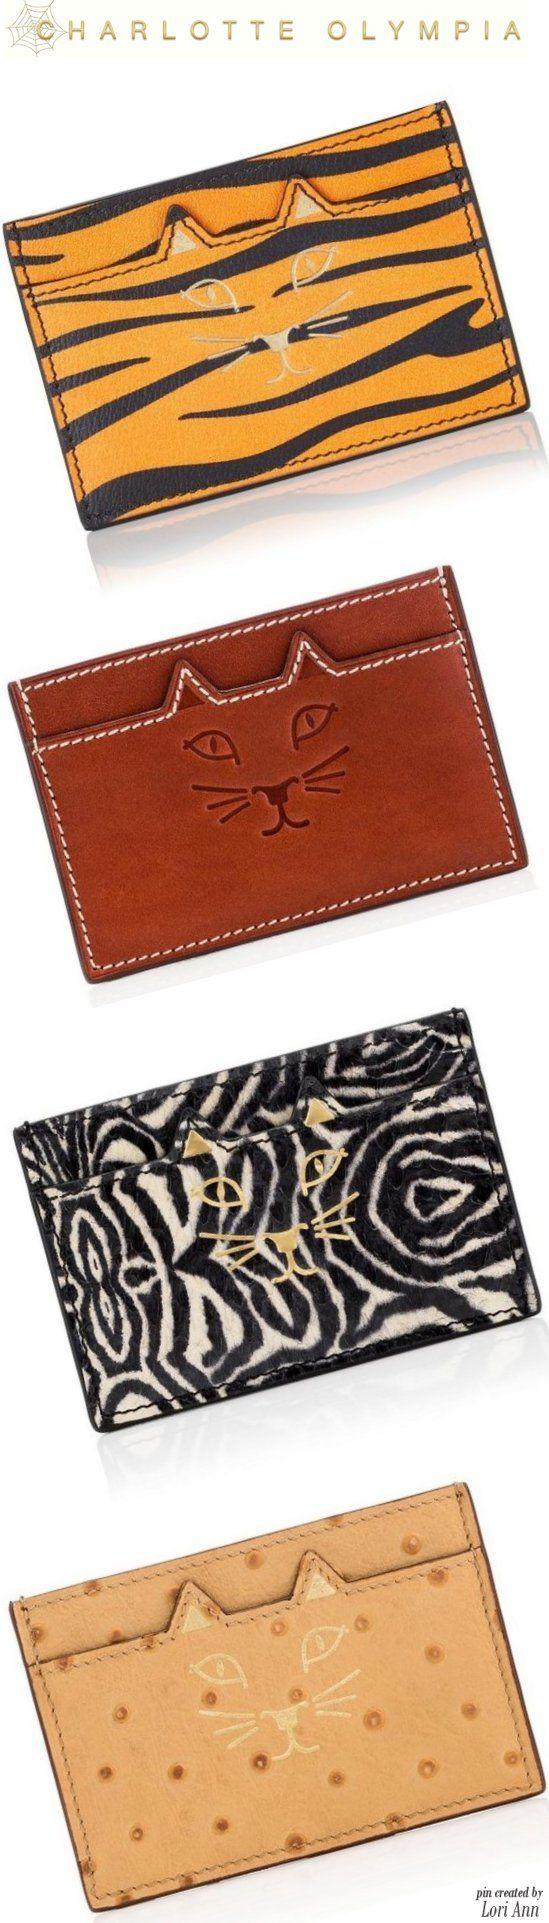 Charlotte Olympia 2016 - Feline Card Holders